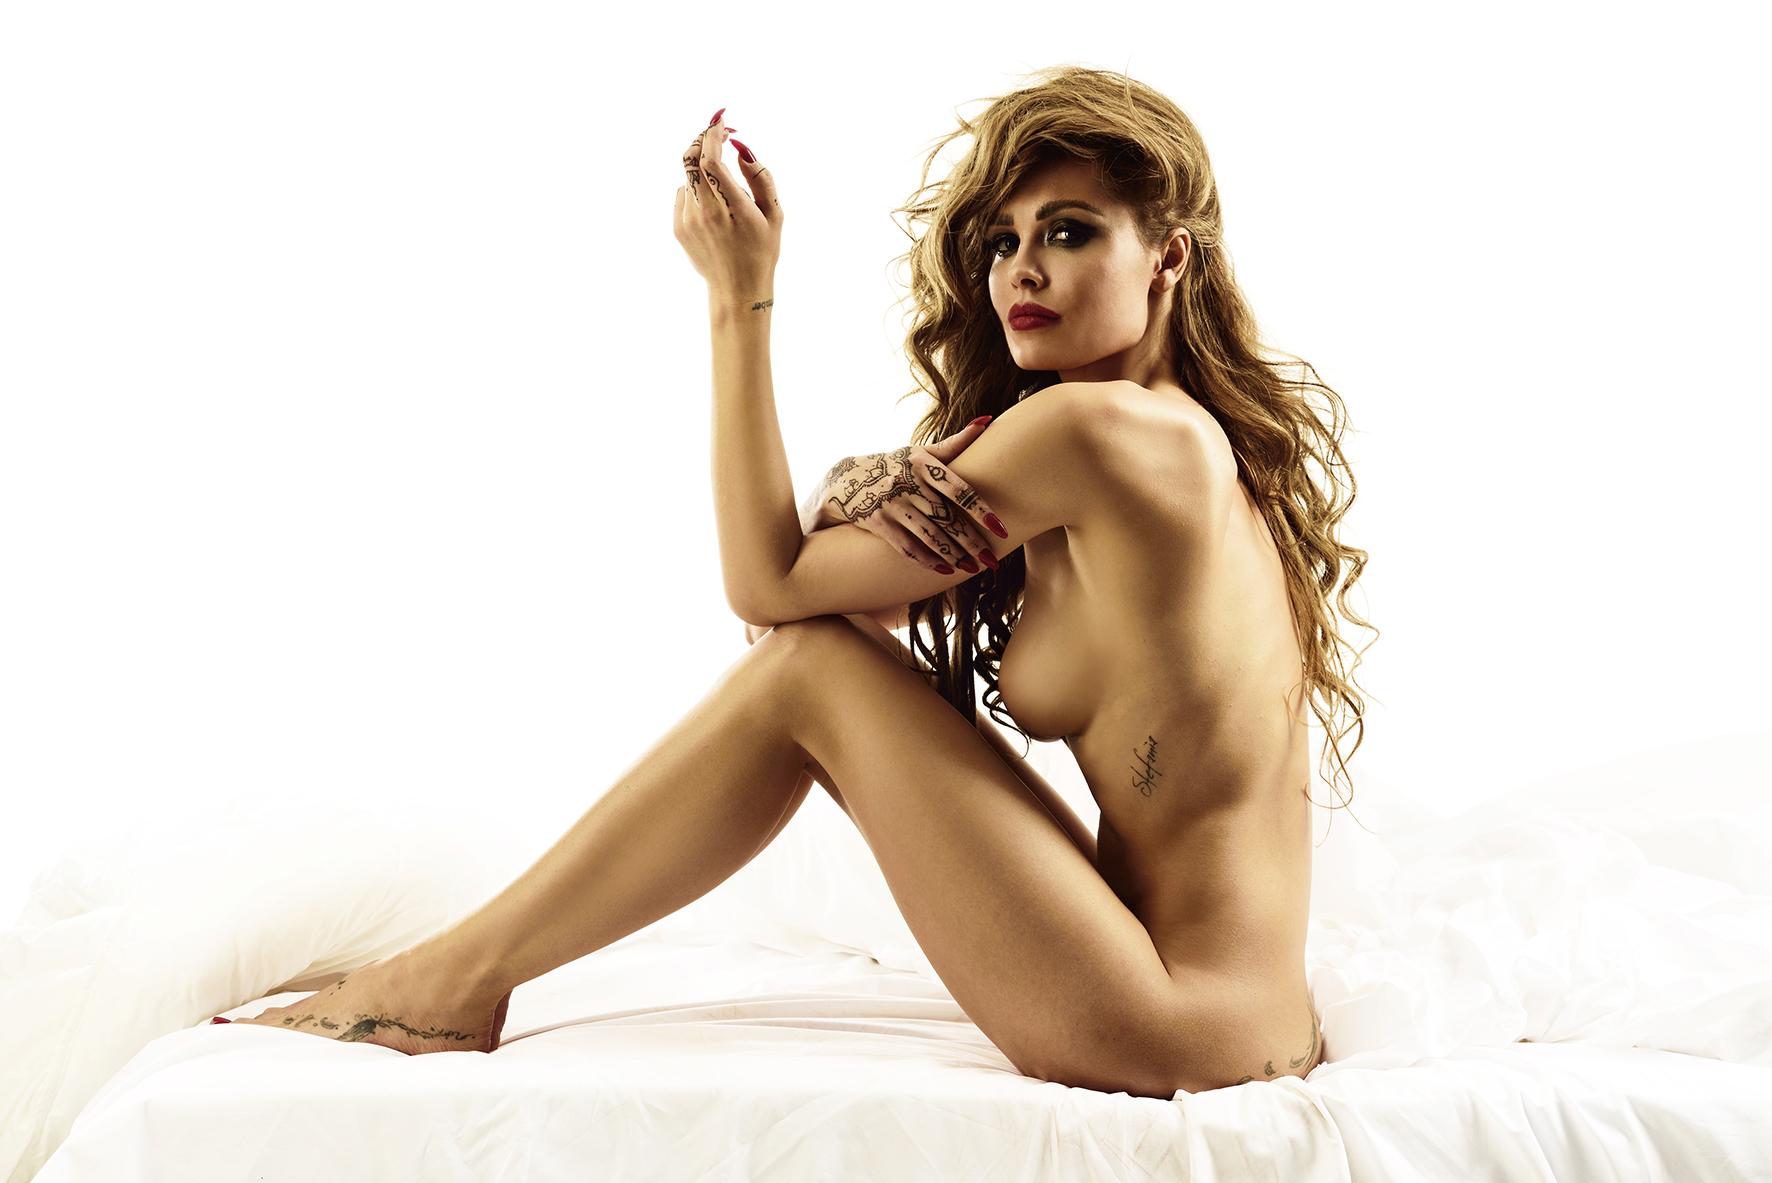 Top 100 Nude Celebrities